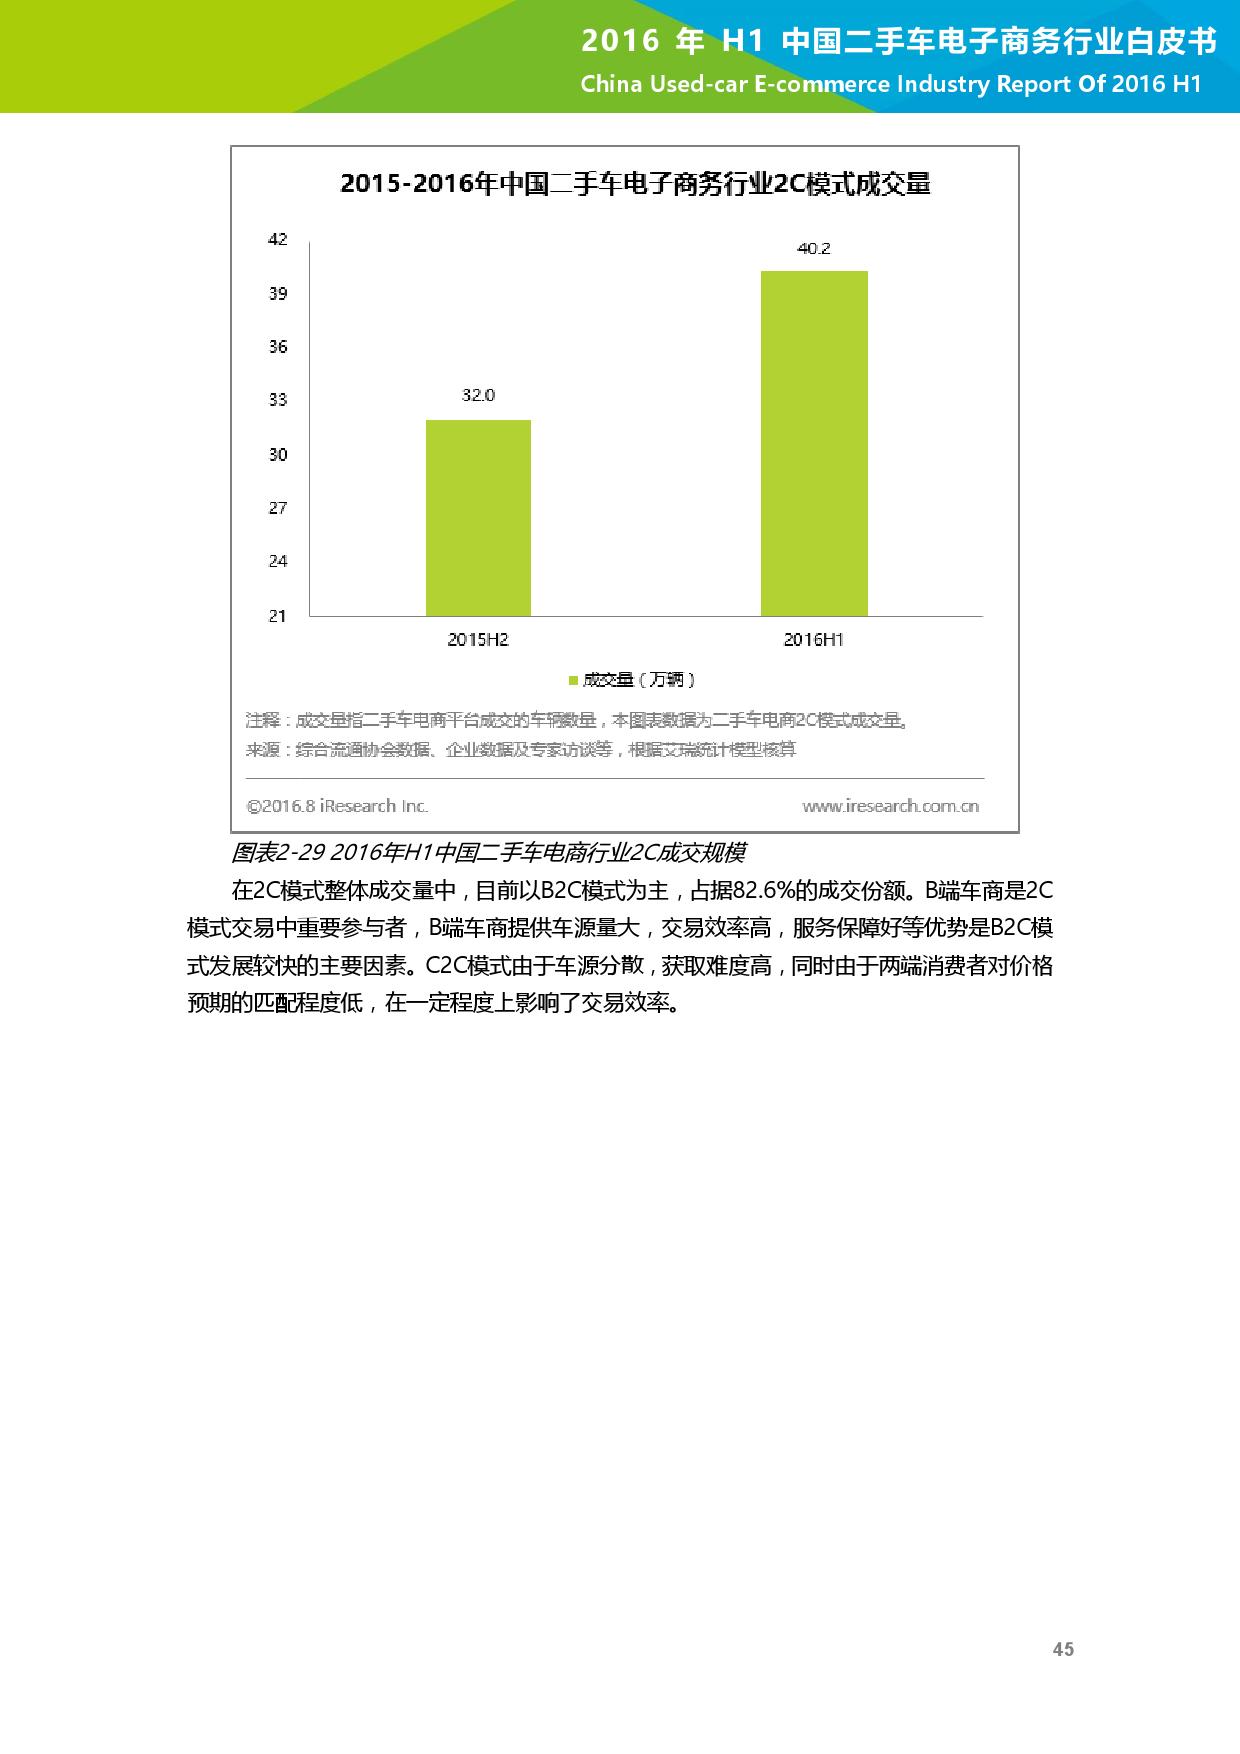 2016年H1中国二手车电子商务行业白皮书_000046